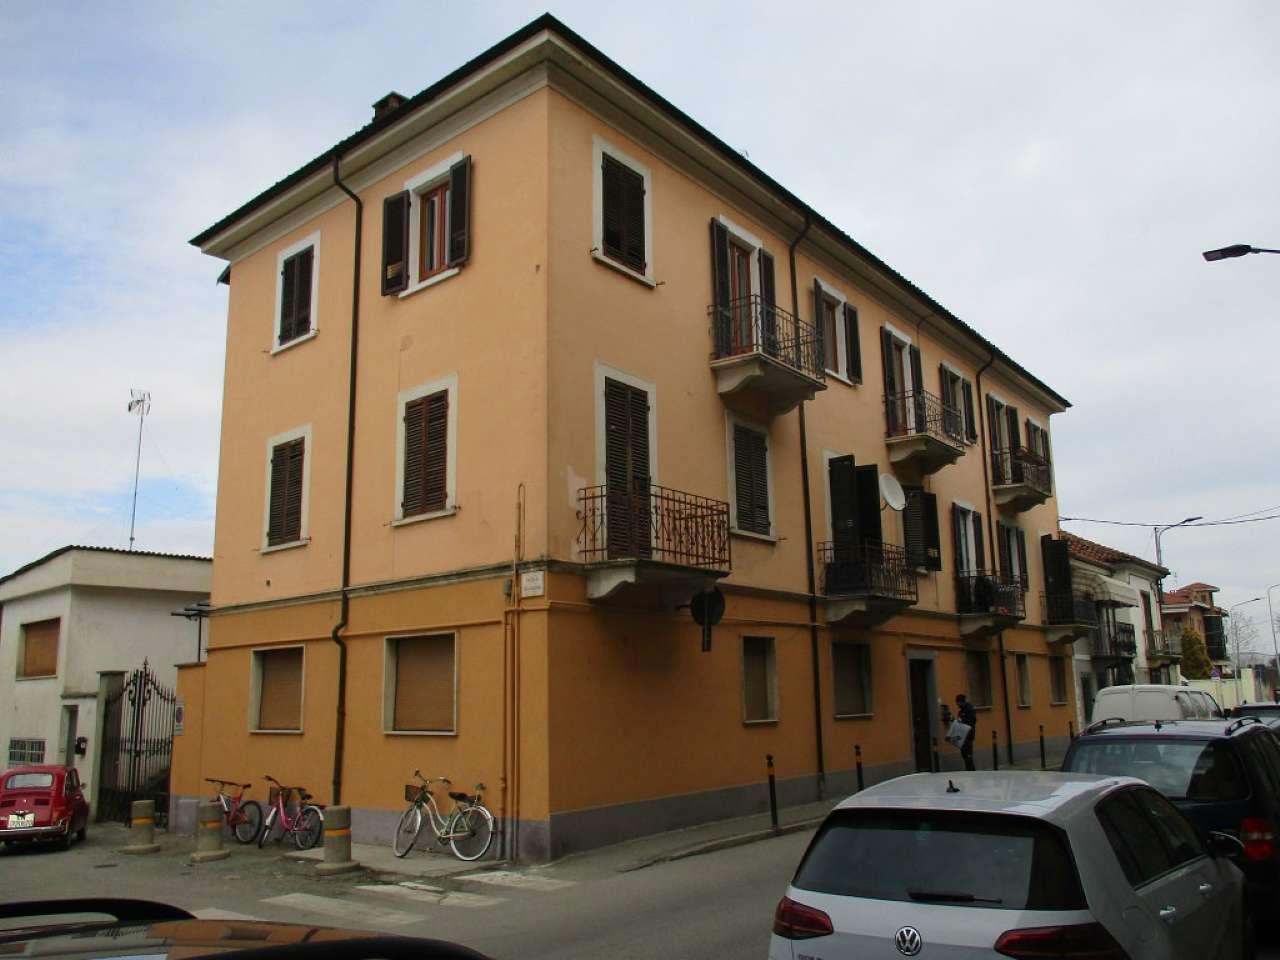 Appartamento in vendita a Savigliano, 3 locali, prezzo € 109.000 | CambioCasa.it